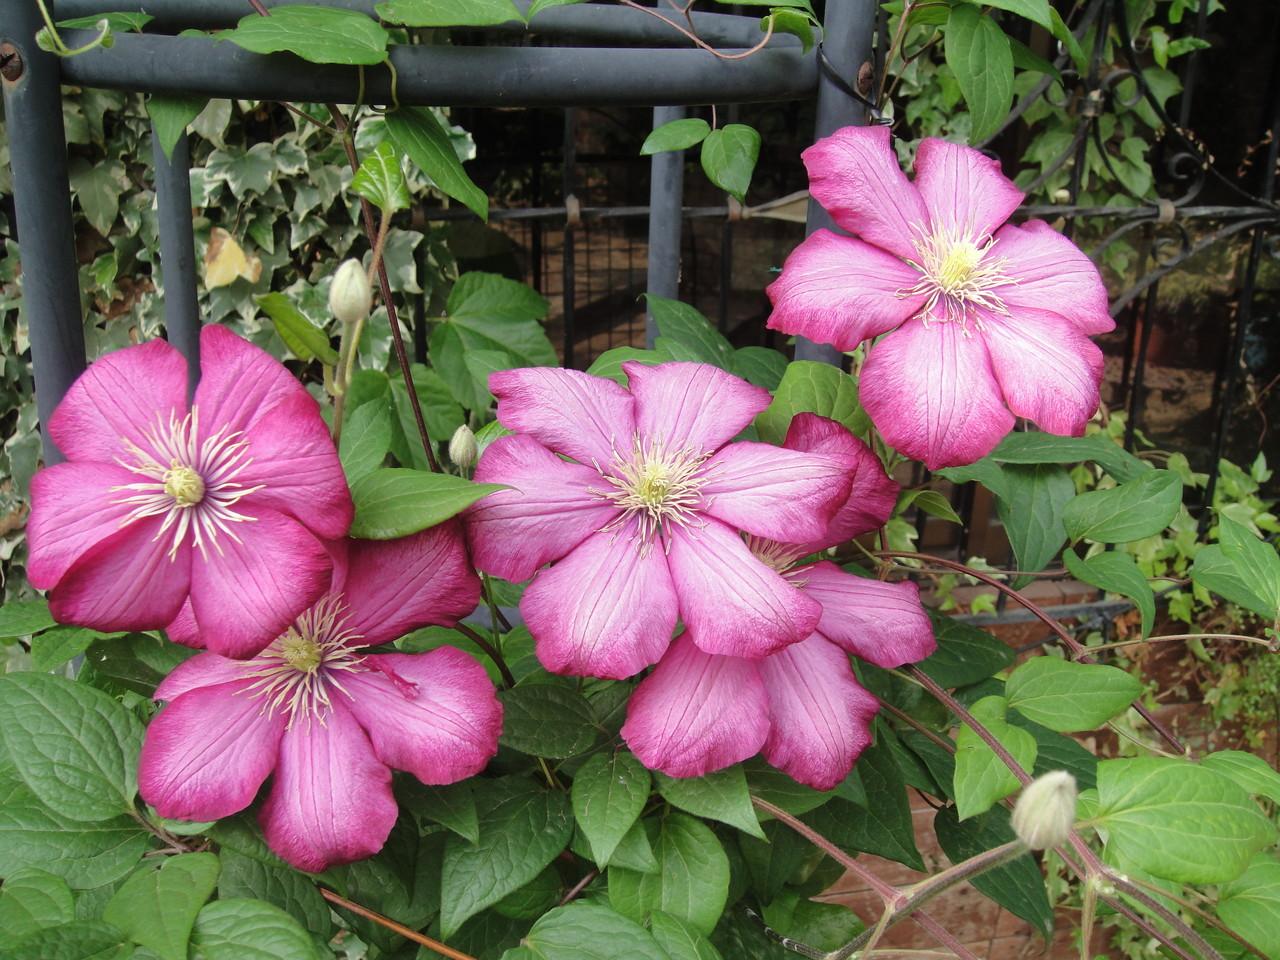 今にも開花しそうでなかなか開花しなかったクレマチス。一気に5輪が開花